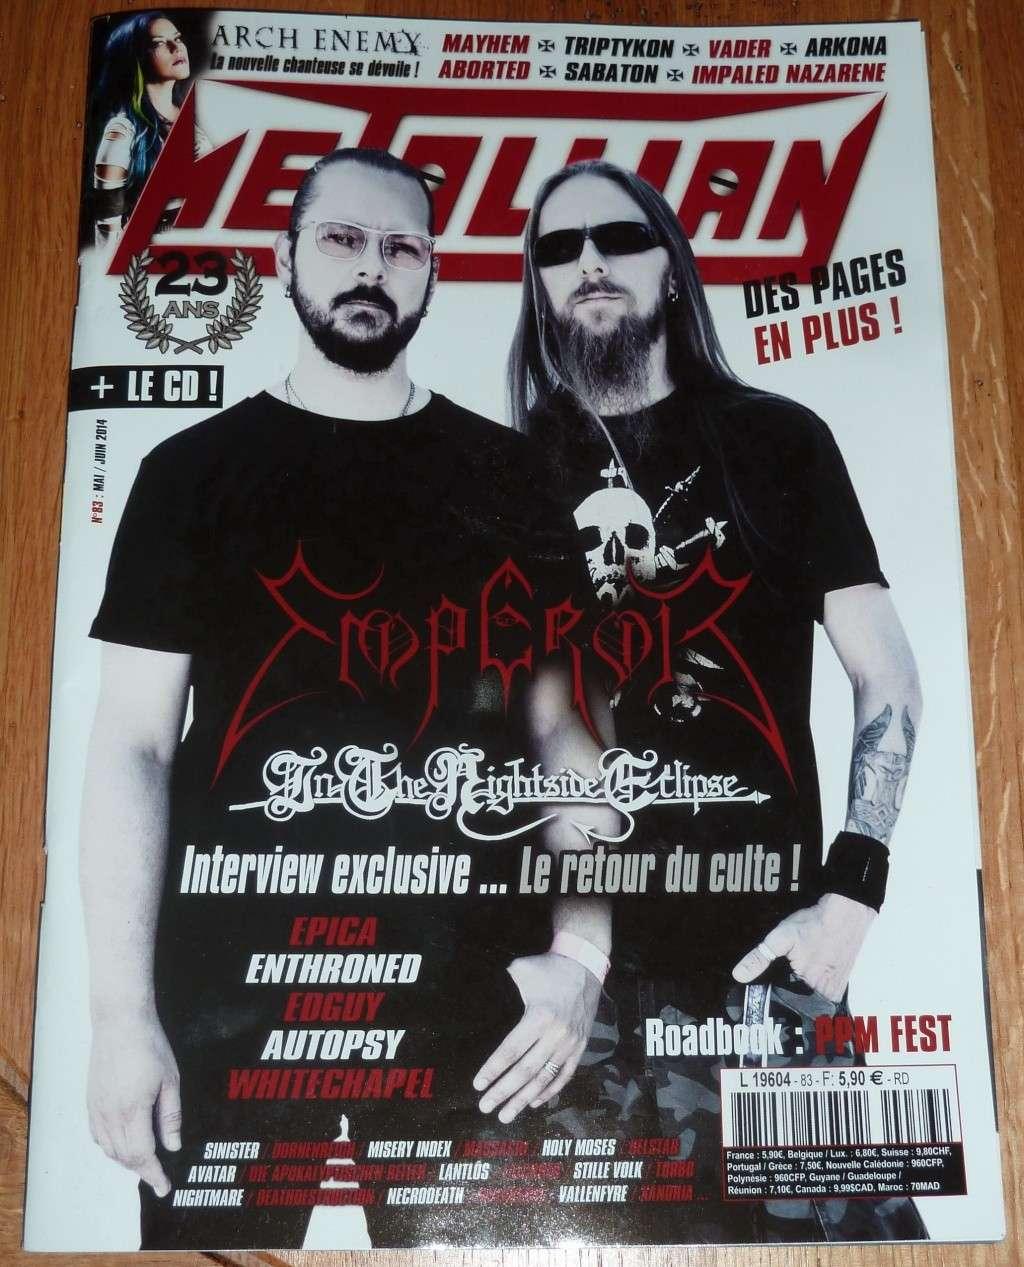 Les NEWS du METAL en VRAC ... - Page 2 M111